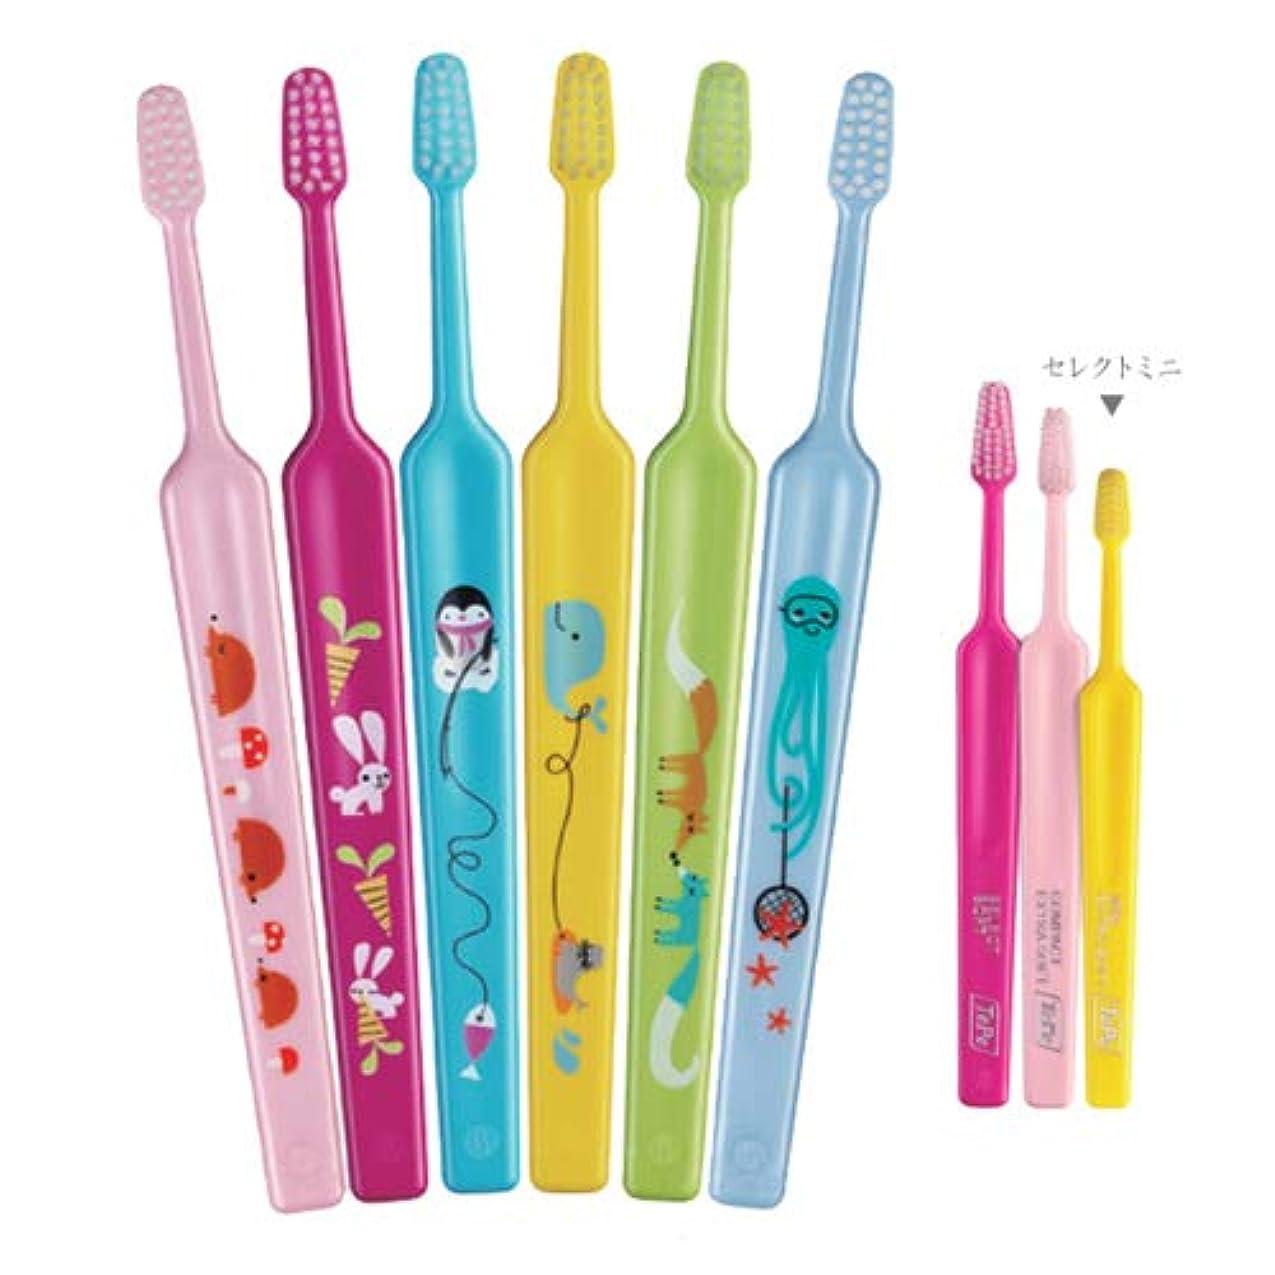 きれいに合体代理人Tepe歯ブラシ セレクトミニ エンジョイ/エクストラソフト 4本入り(※入荷商品によってカラーが写真と異なる場合があります)